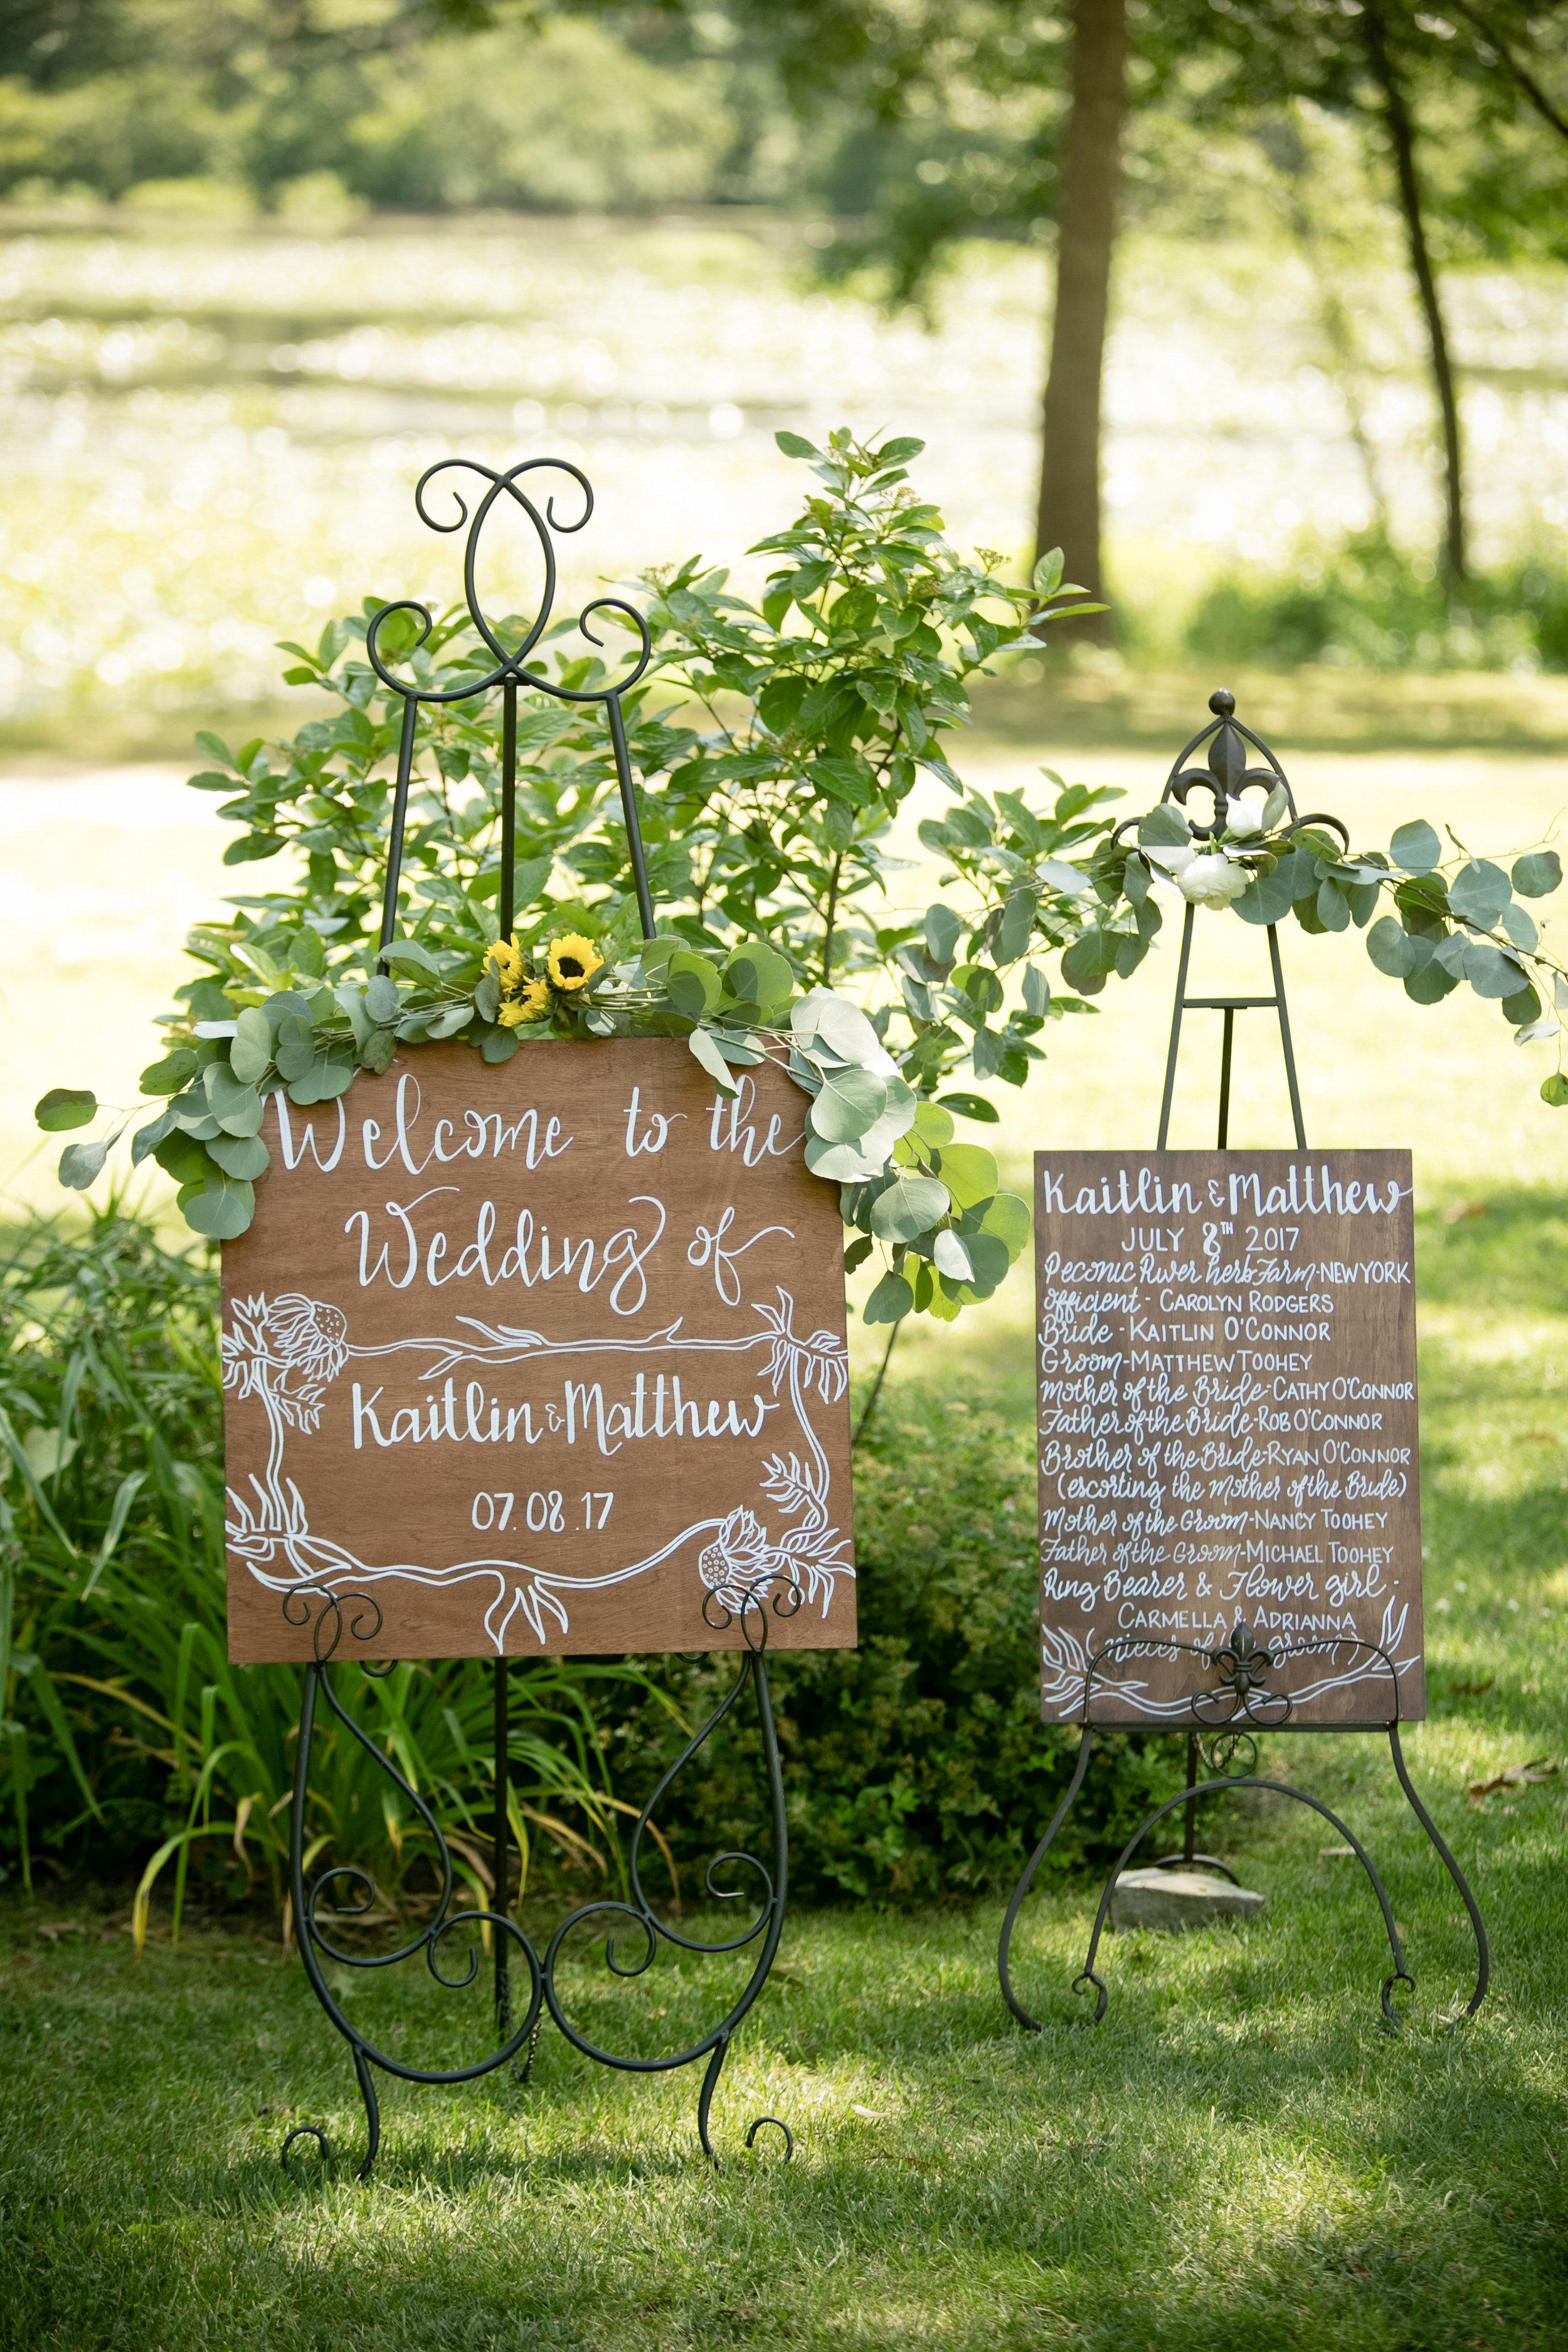 KM Wedding Photos By Lotus Weddings 0206.jpg